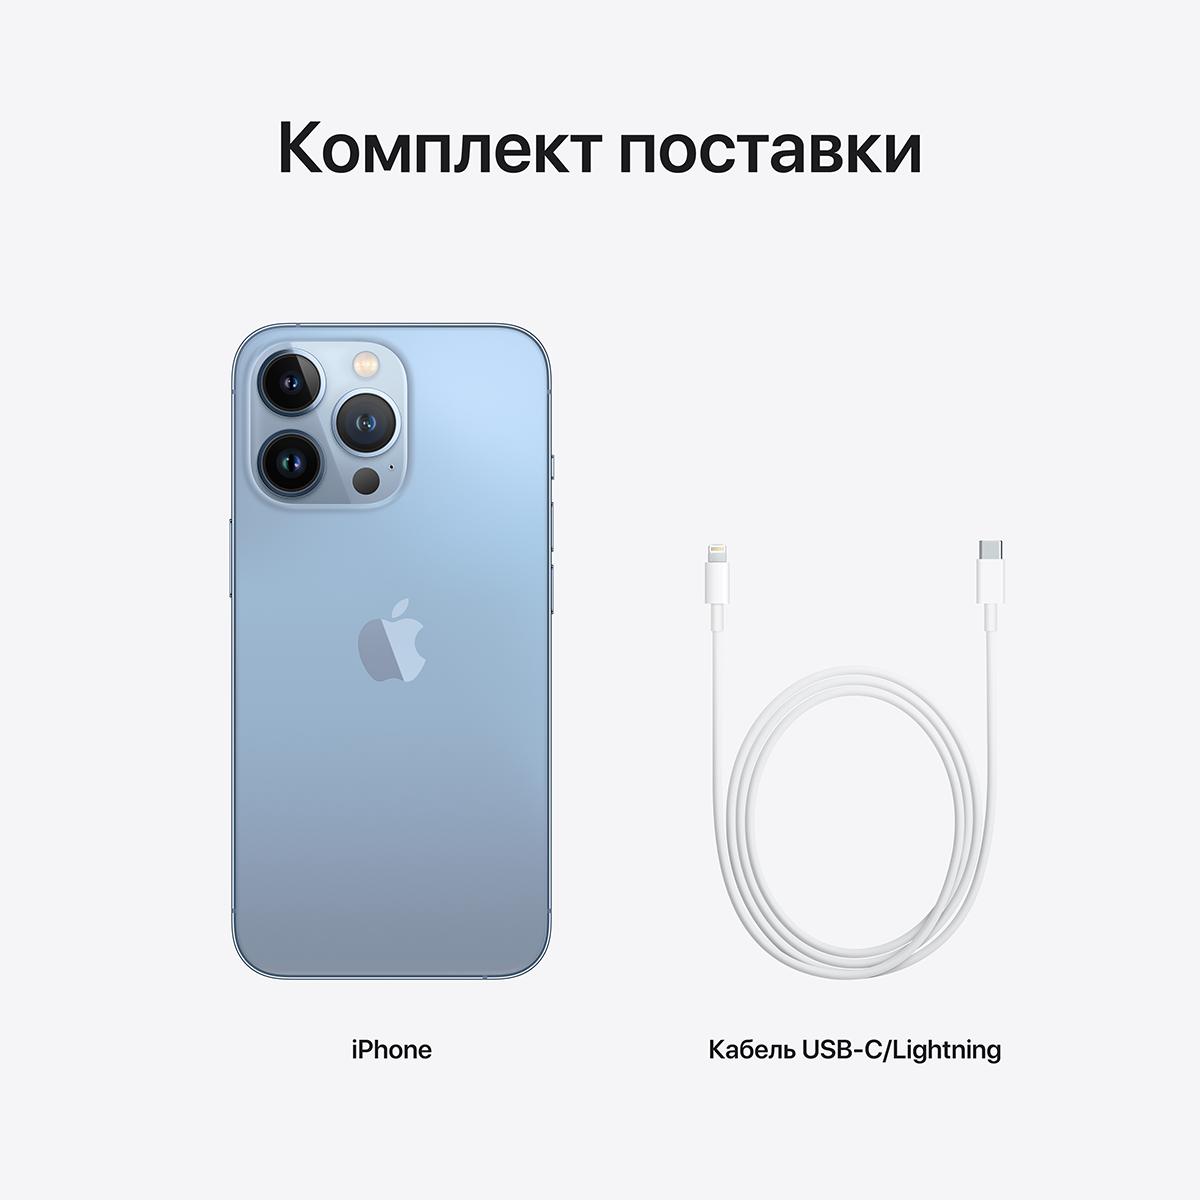 новый айфон